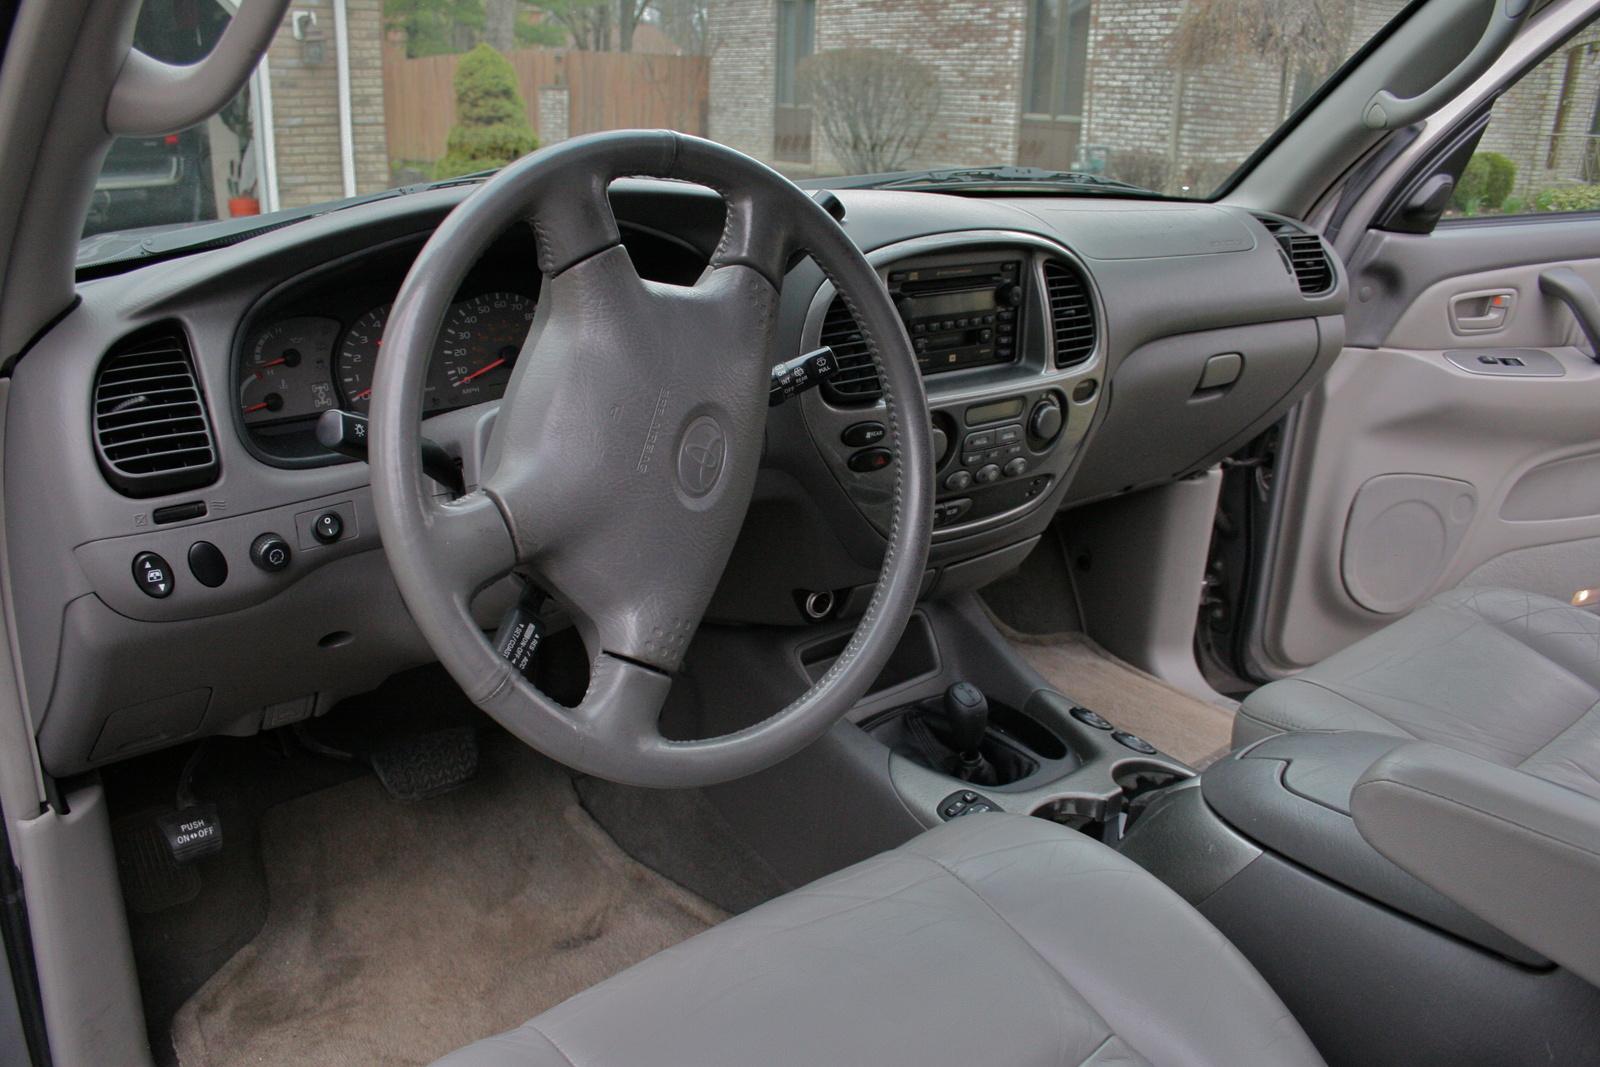 2002 Toyota Sequoia Interior Pictures Cargurus